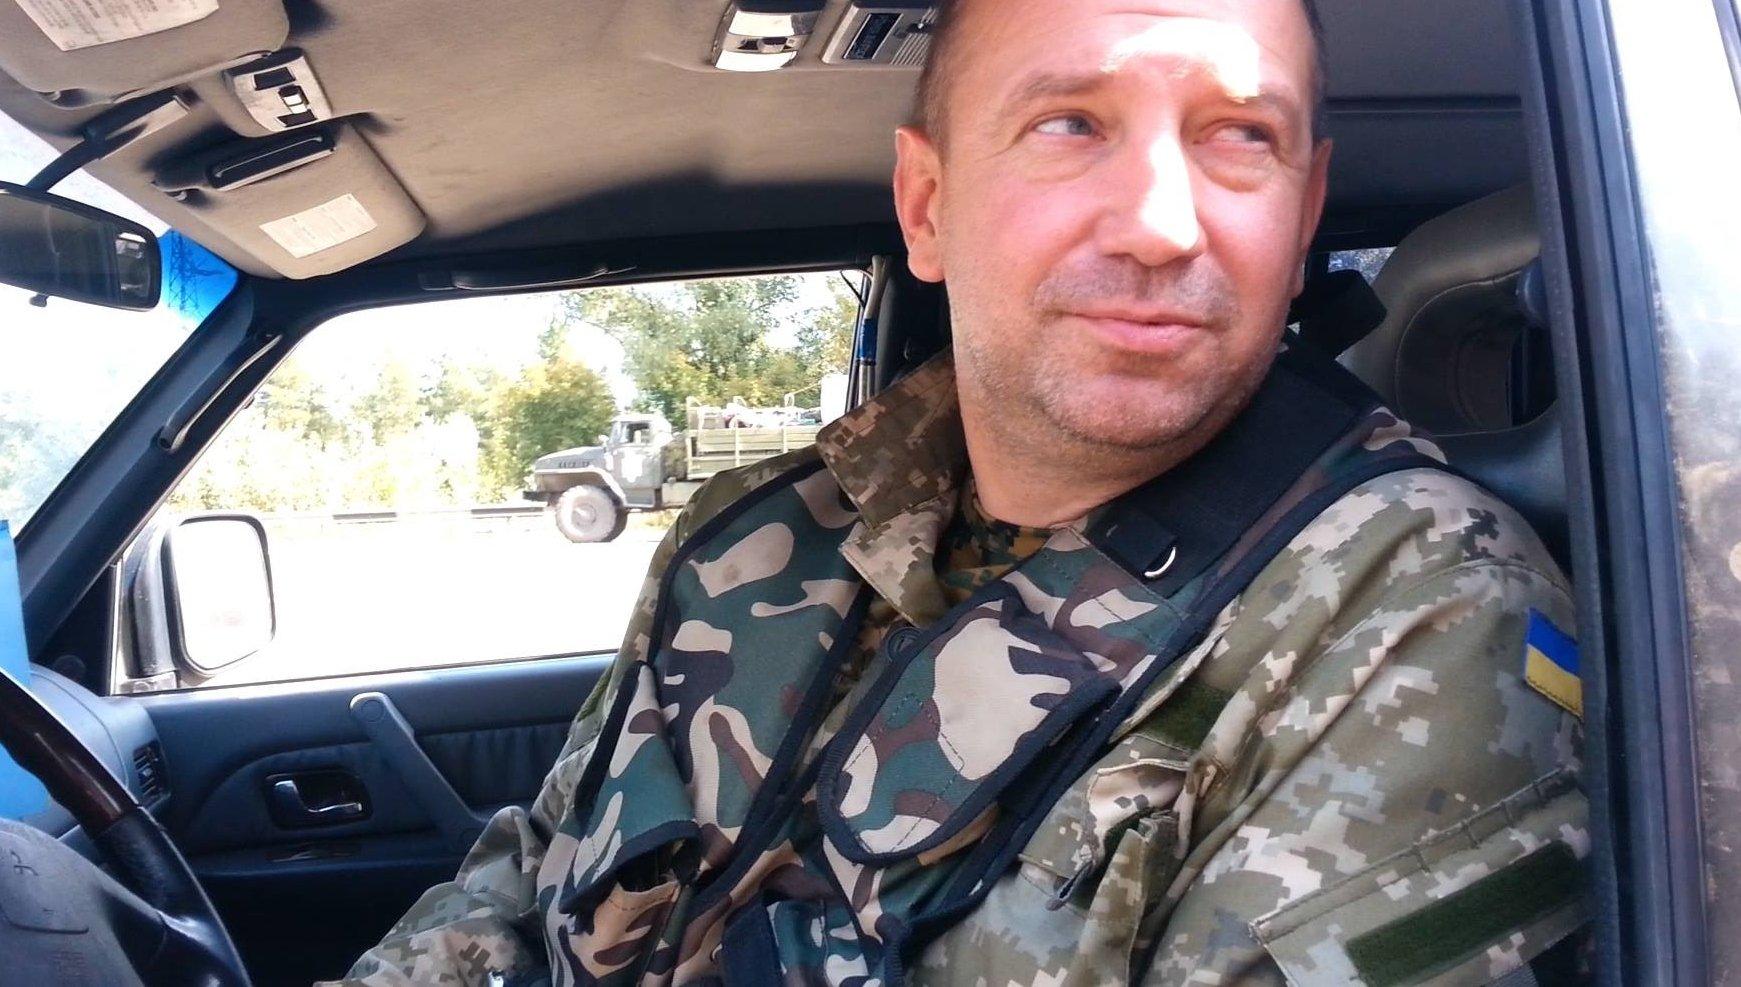 Изавтомобиля Мельничука вышел человек ивыстрелил ввоздух— Стрельба наТроещине